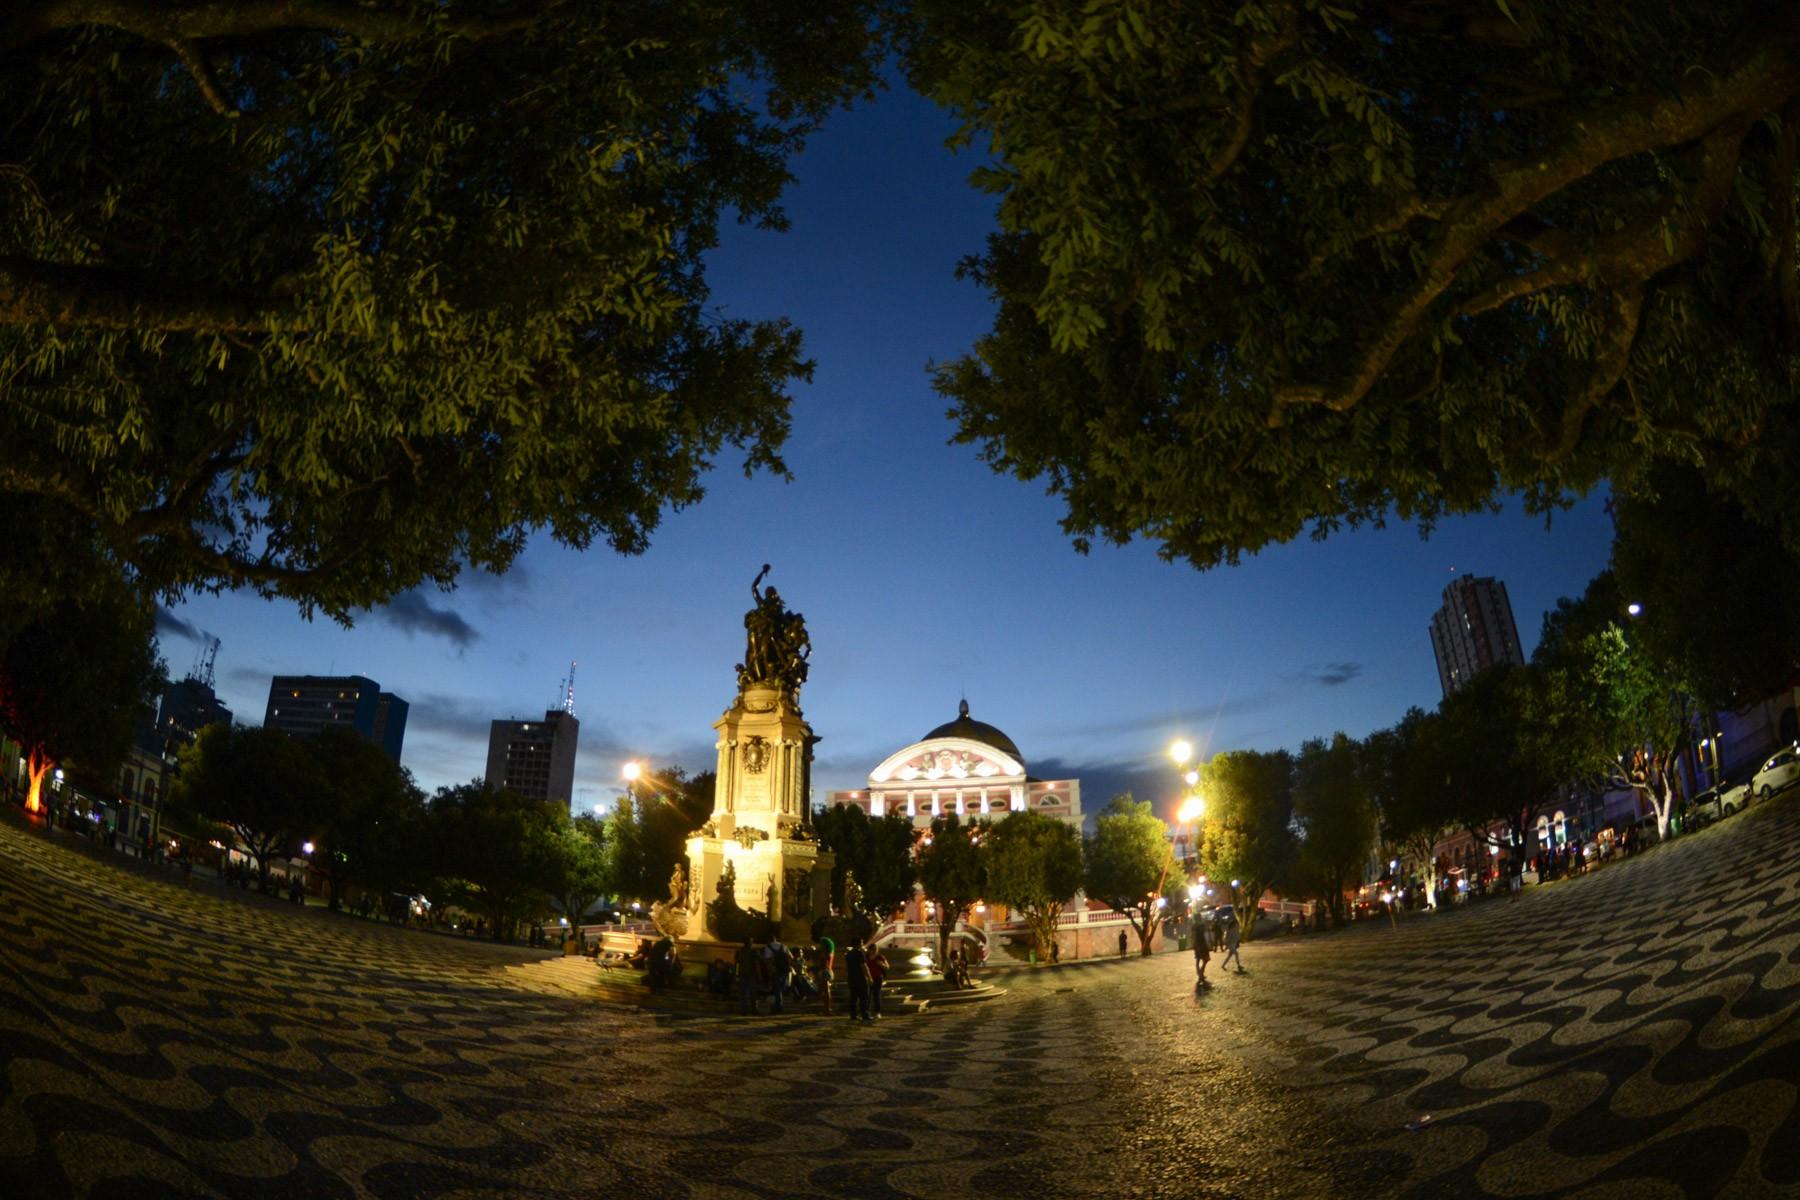 Oficina de Teatro, peça e exposição de fuscas antigos acontecem neste fim de semana em Manaus - Noticias